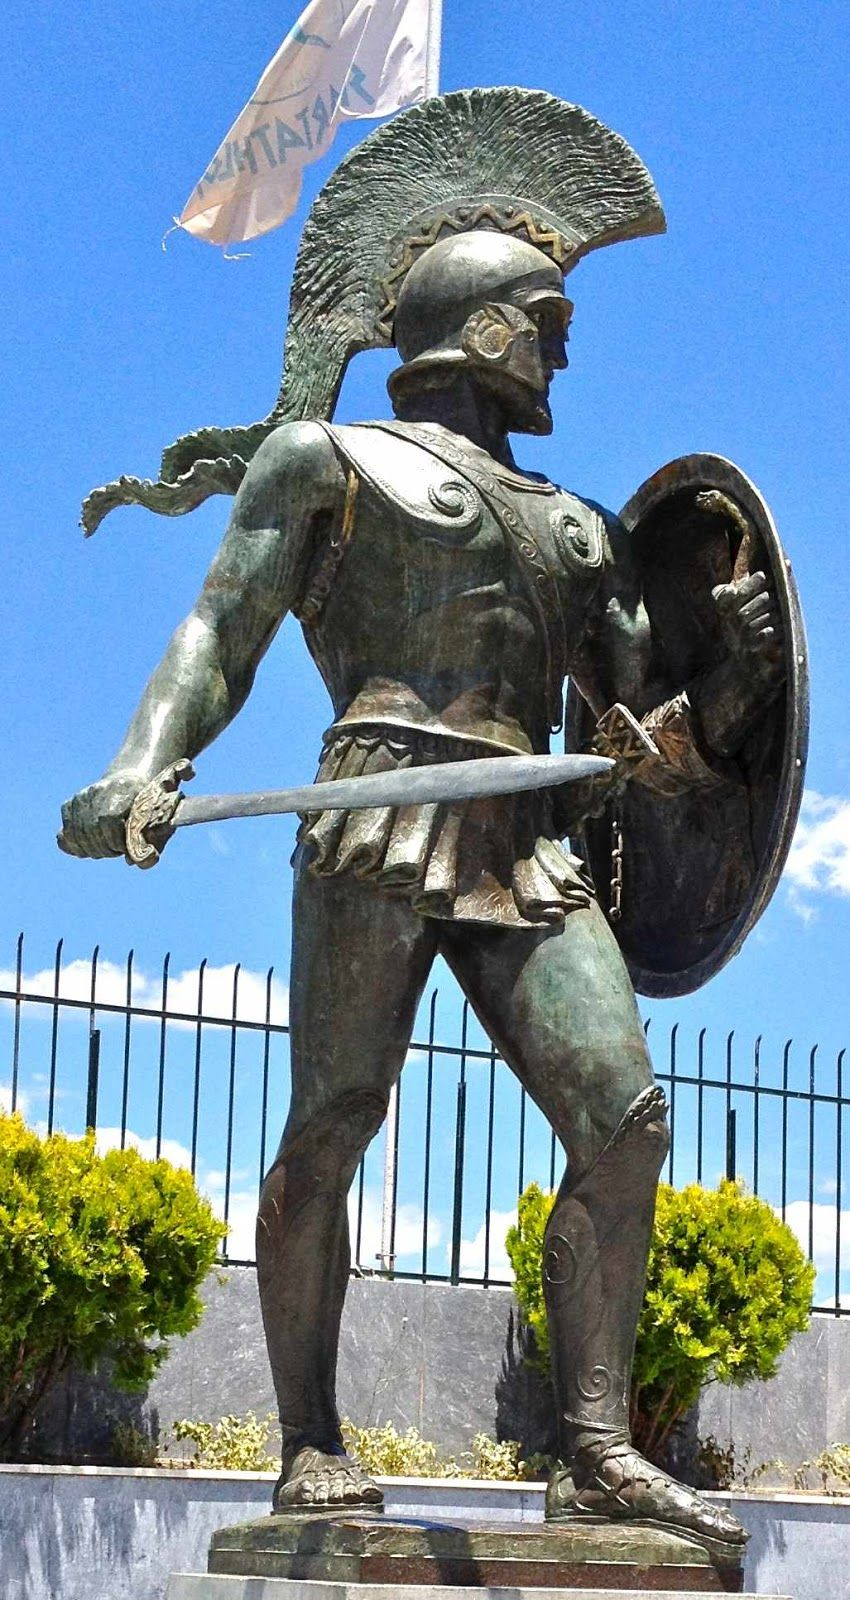 On Myths and Mythology